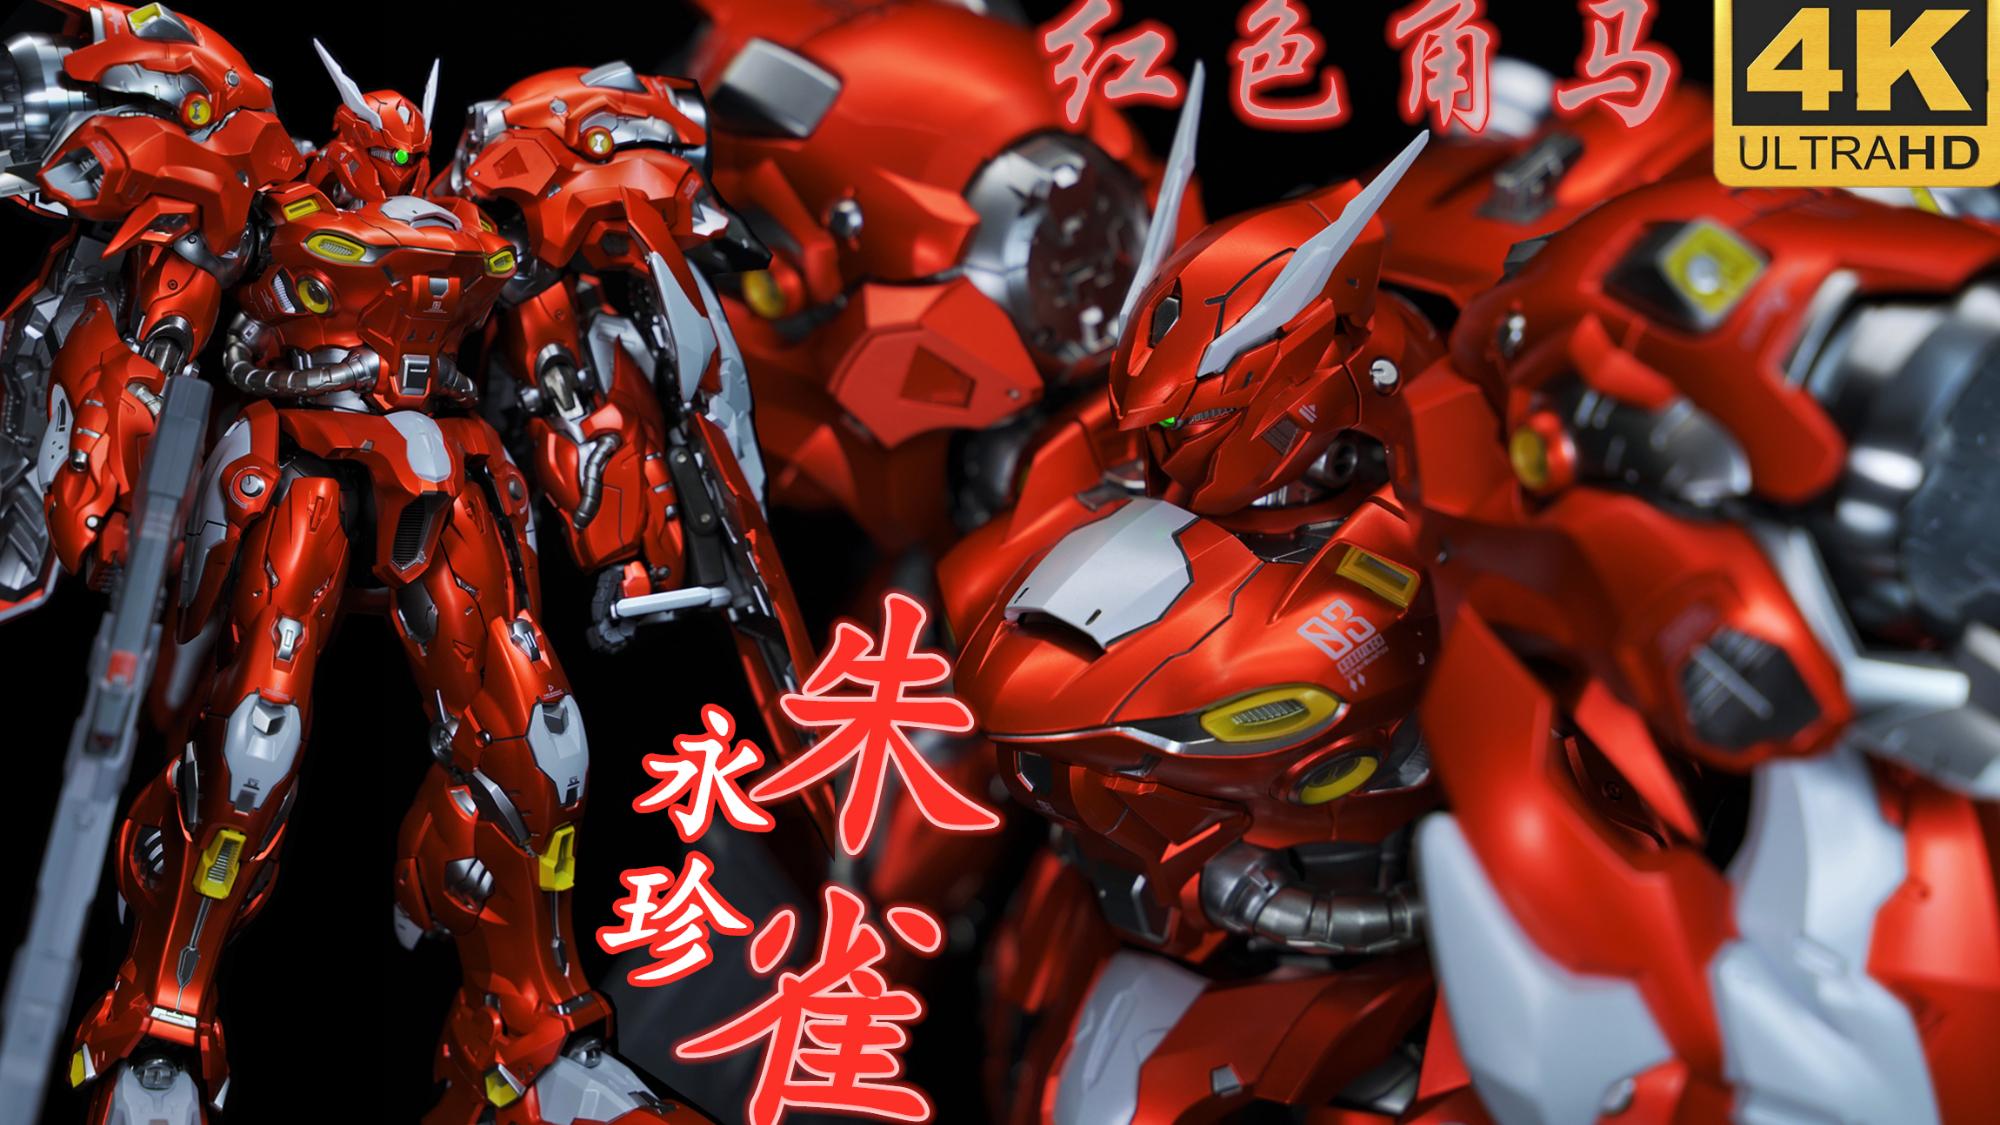 【4K赏胶】国产合金顶尖做工 永珍朱雀 魔改红色角马 合金骨架涂装可动成品 高达